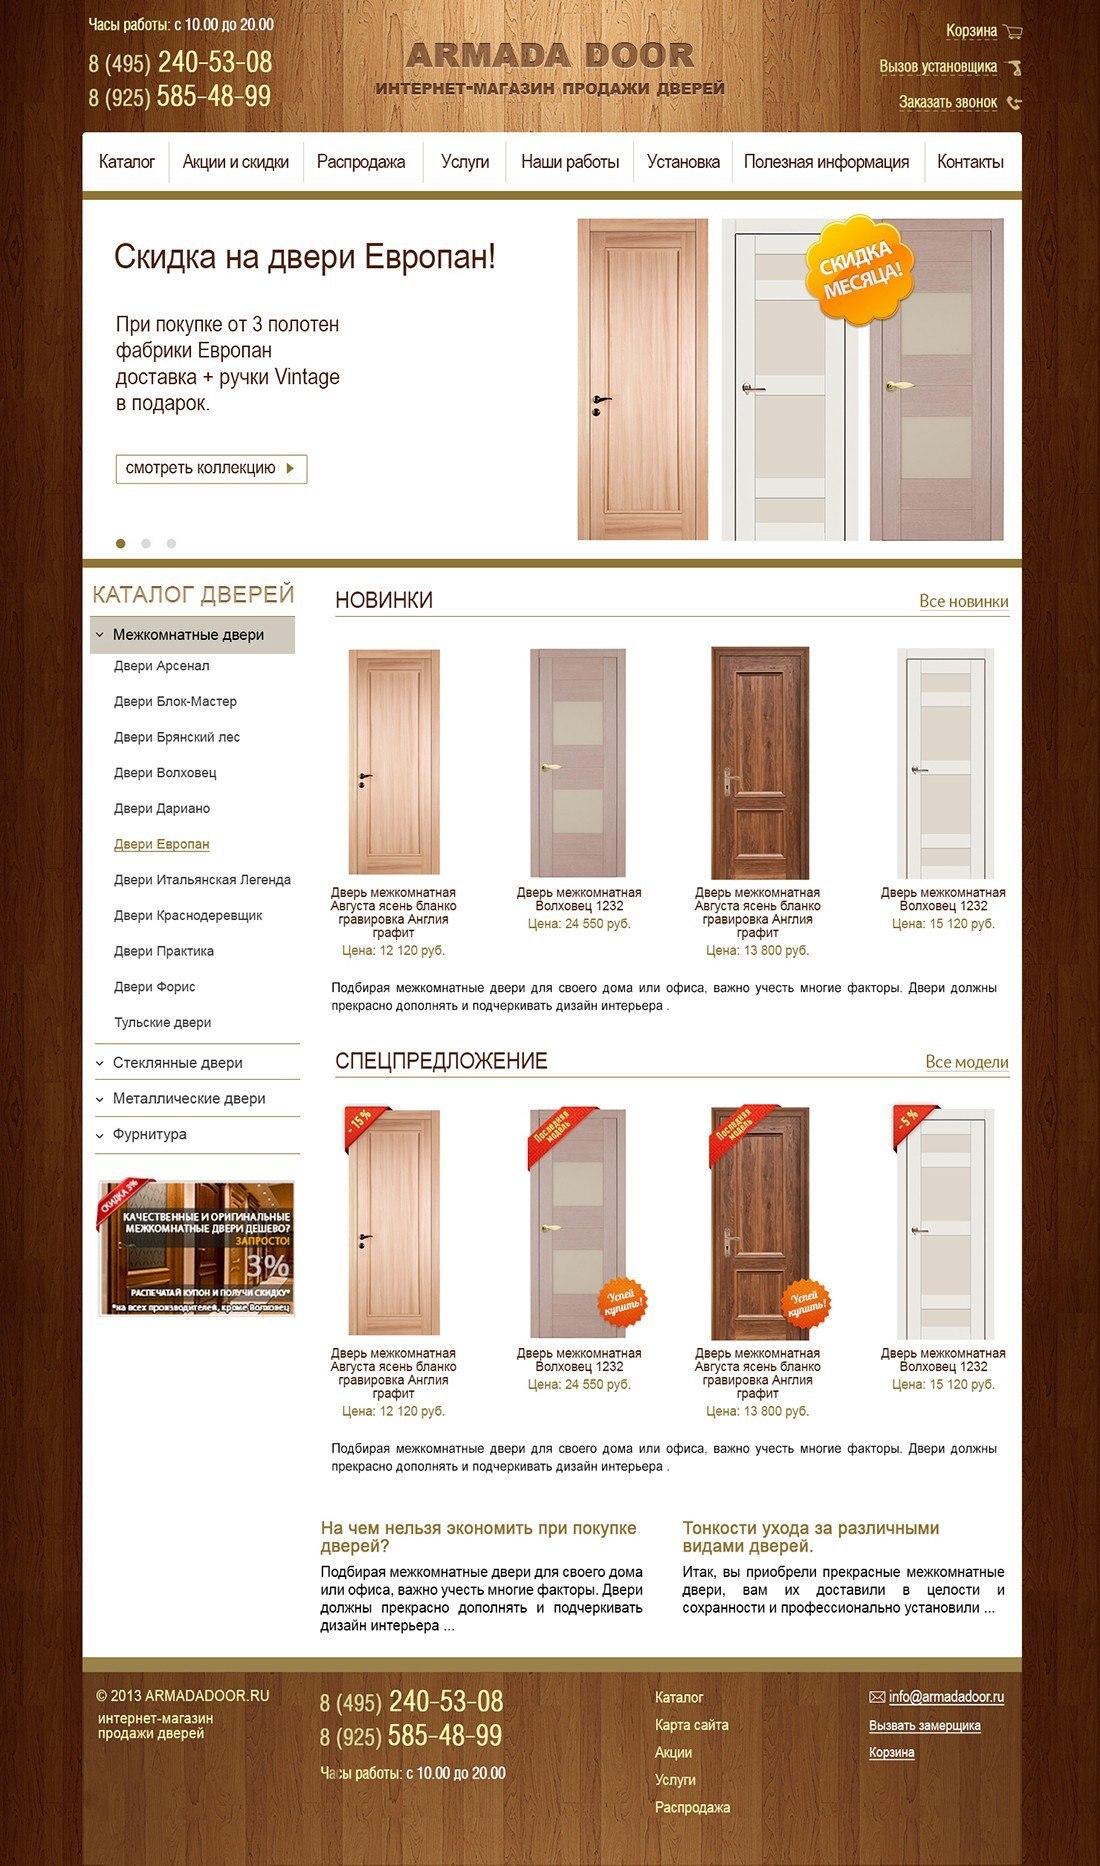 каталог магазинов входных дверей москвы